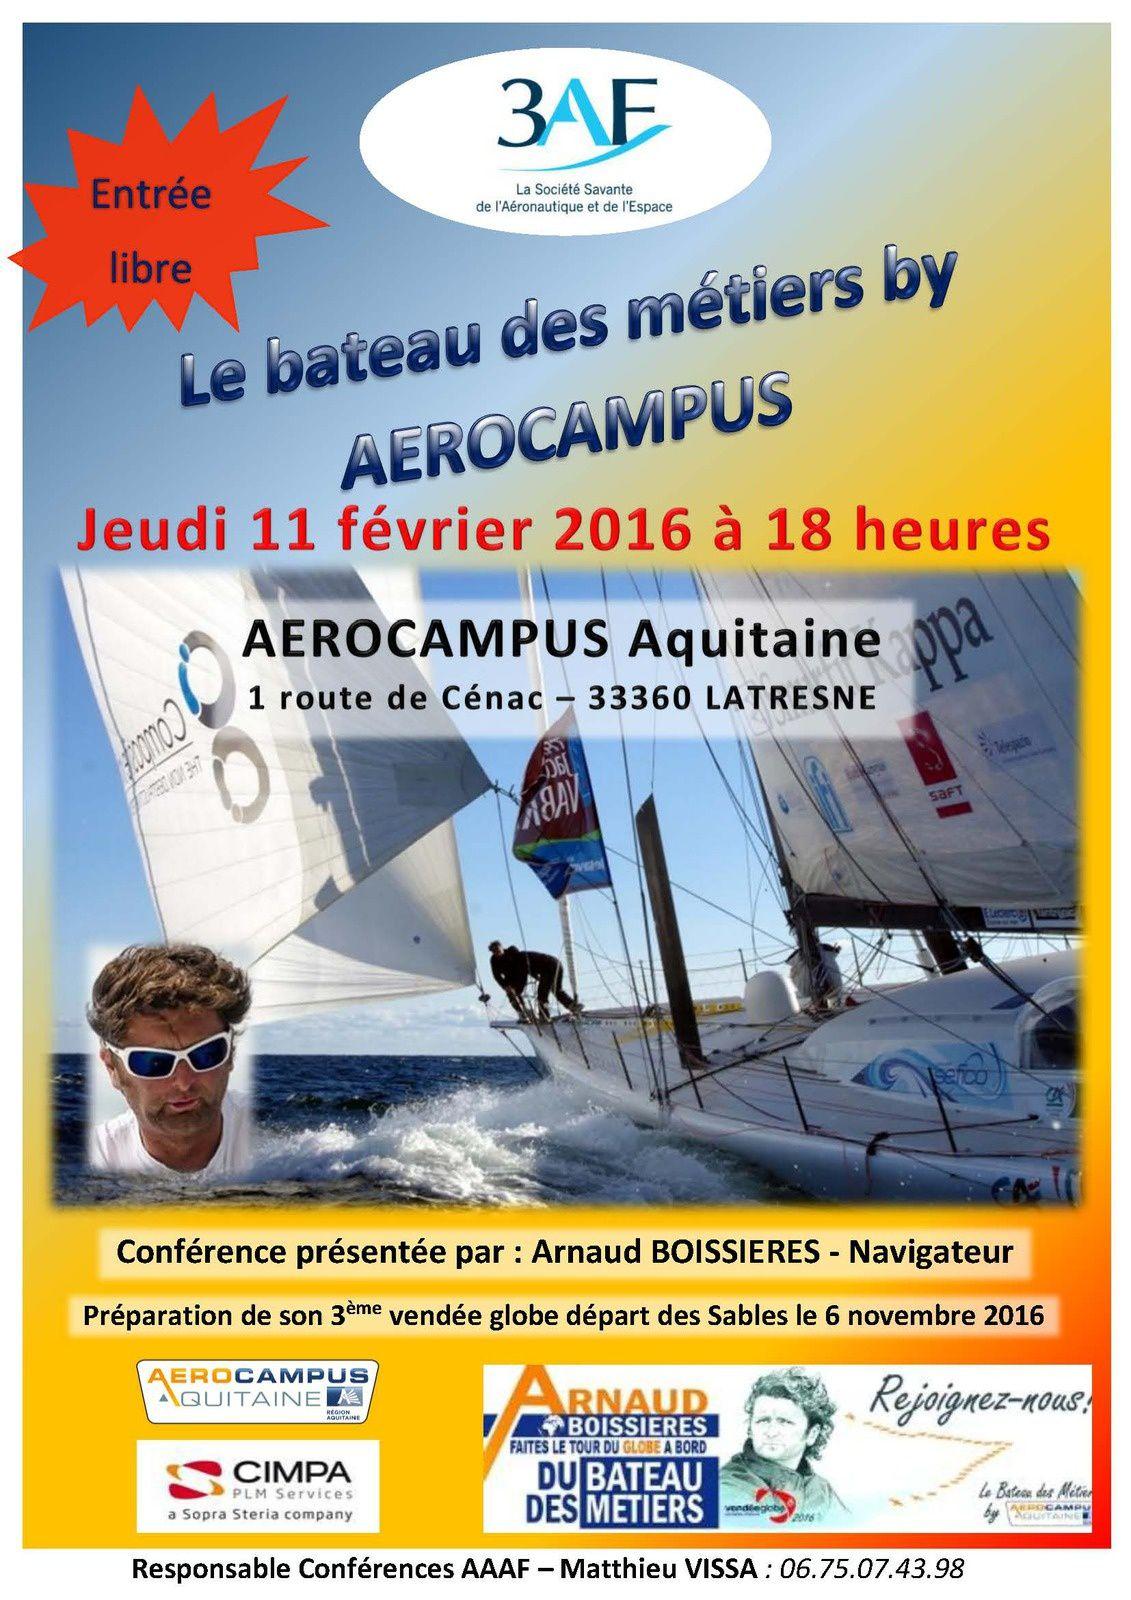 Conférence 3AF: Le bateau des métiers